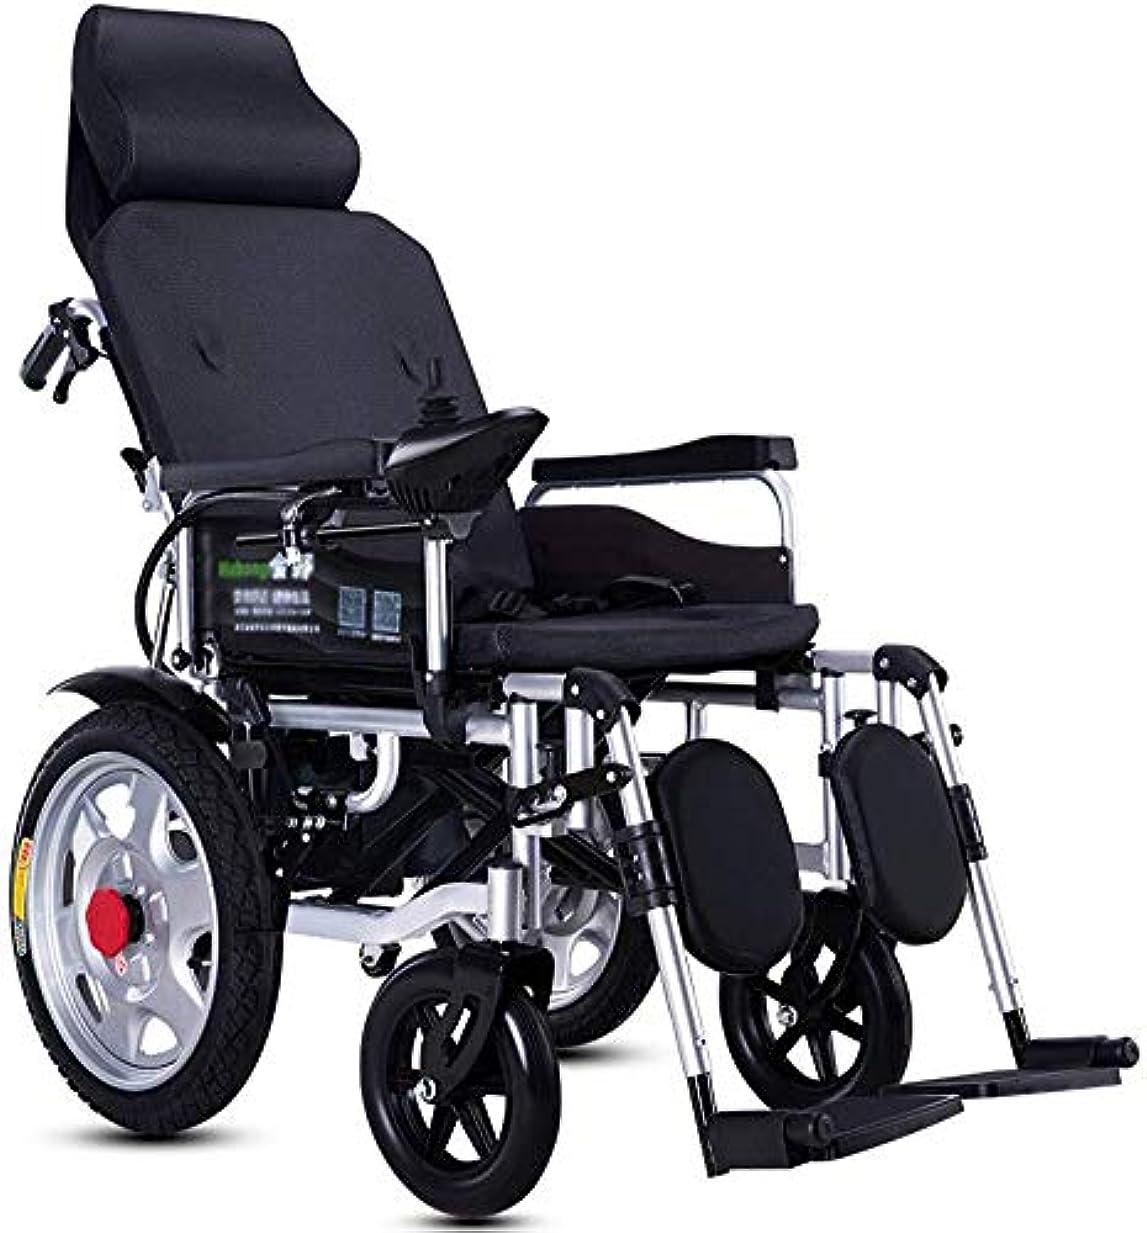 サリー浴室仲間、同僚電磁ブレーキ付ヘッドレスト、折り畳み式の電動車椅子と電動車椅子アシストシステム、調節可能な背もたれの角度は、幅45センチメートル、体重Max.150Kgを被せEASY TO STORE - Light